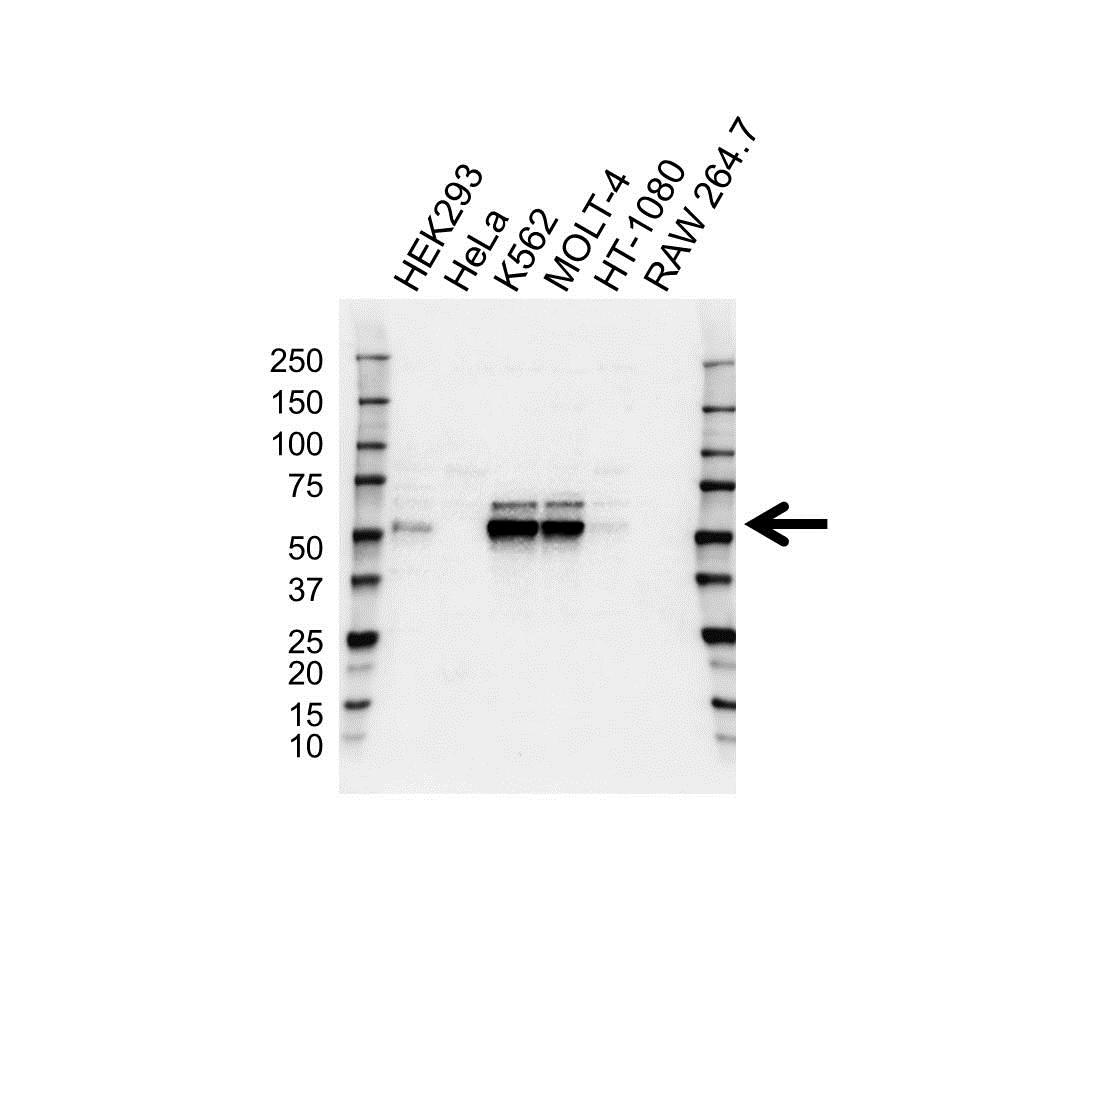 Anti Wilms Tumor 1 Antibody (PrecisionAb™ Polyclonal Antibody) gallery image 1